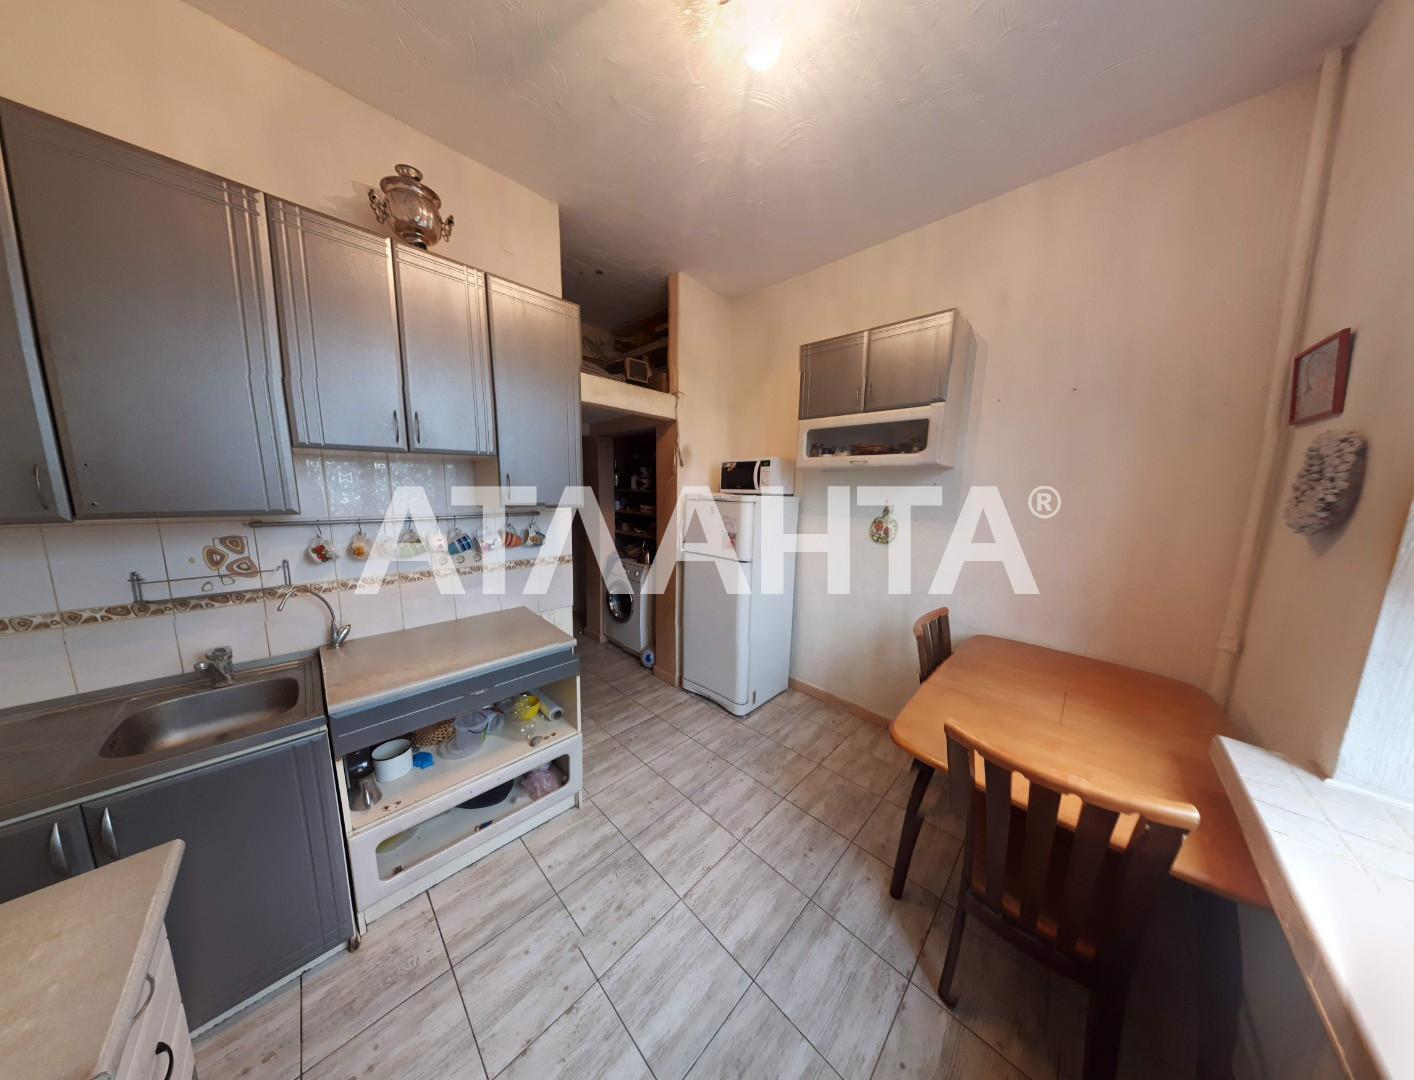 Продается 3-комнатная Квартира на ул. Просп.Науки — 65 000 у.е. (фото №10)